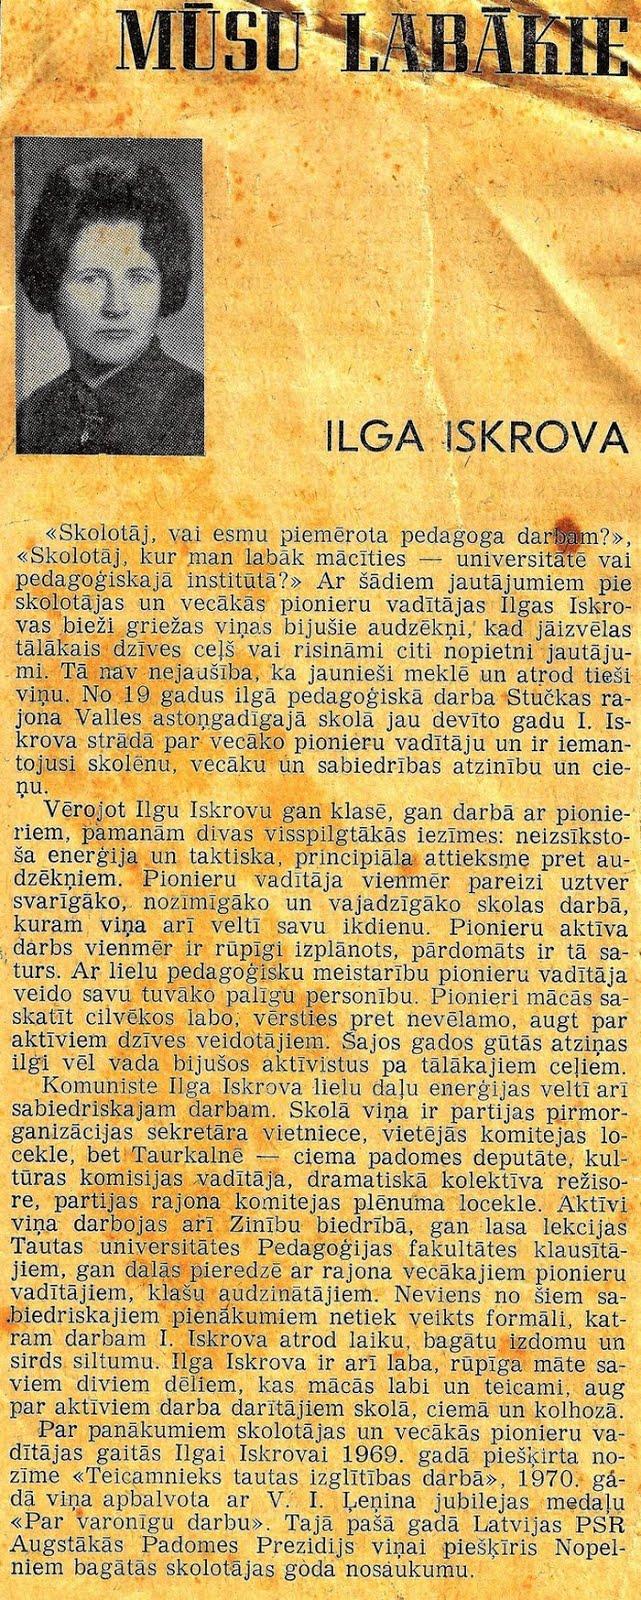 Skolotāja Ilga Iskrova - raksts no žurnāla ,, Skola un ģimene '' ( 1972. g. , Nr. 2. )